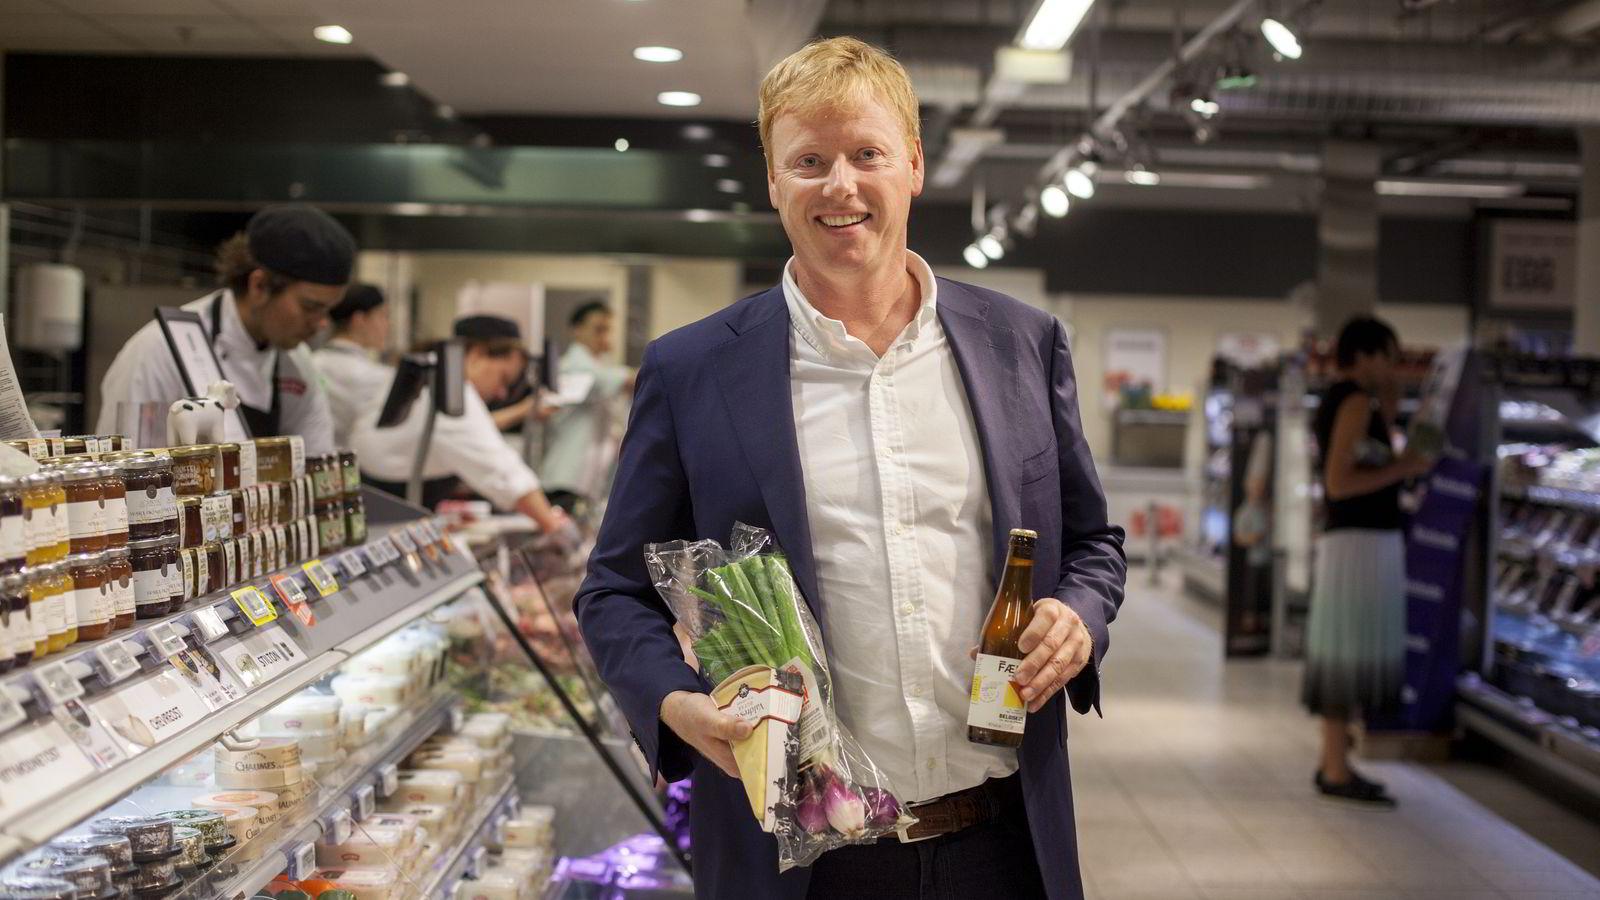 Meny-sjef Vegard Kjuus har 2300 lokalmatprodukter i sine butikker.               Foto: